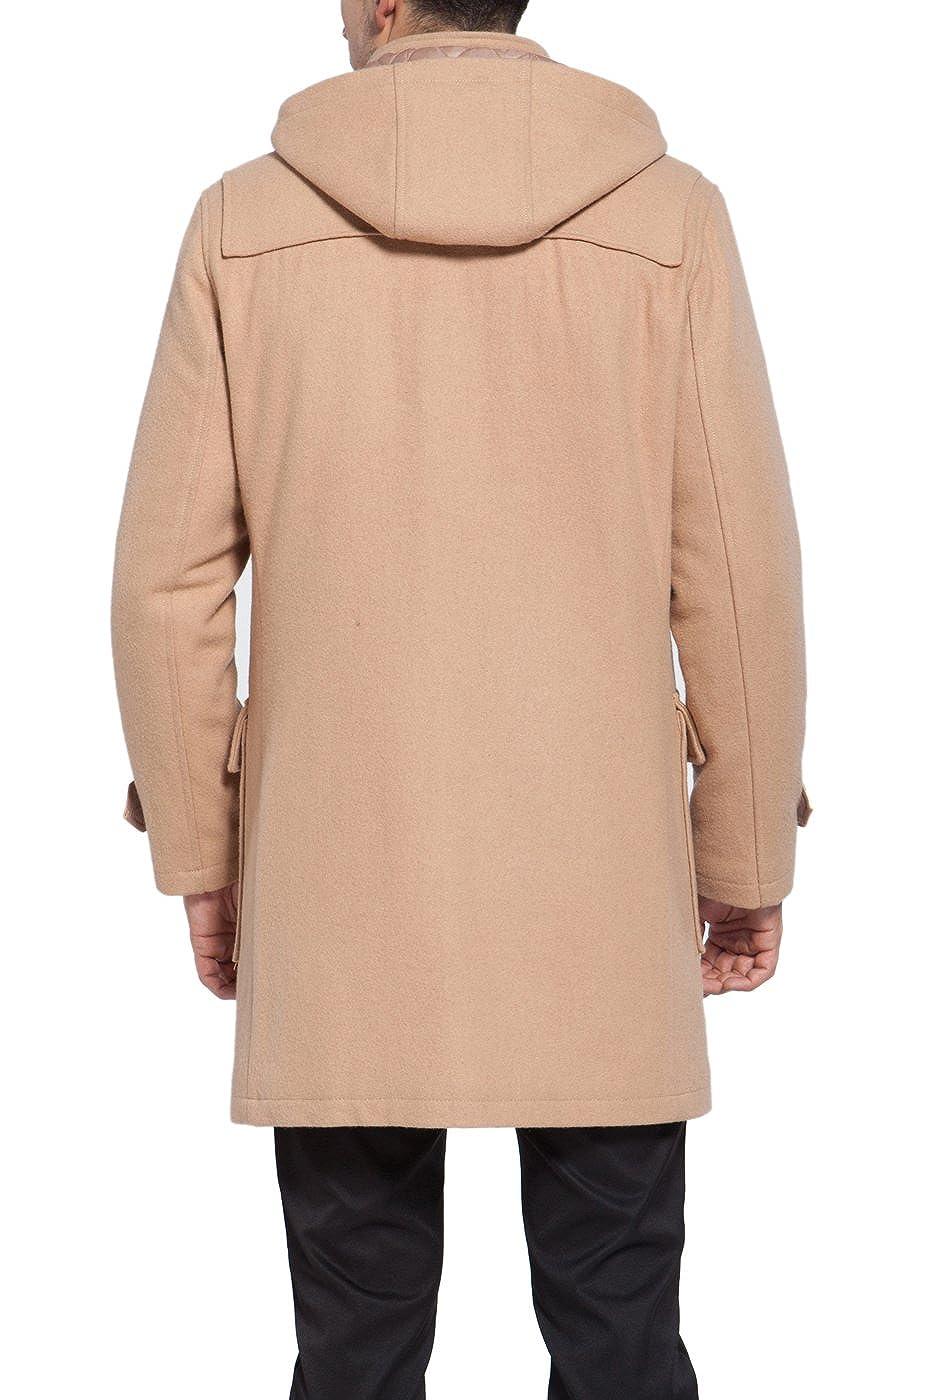 Regular Big /& Tall BGSD Mens Benjamin Wool Blend Classic Duffle Coat